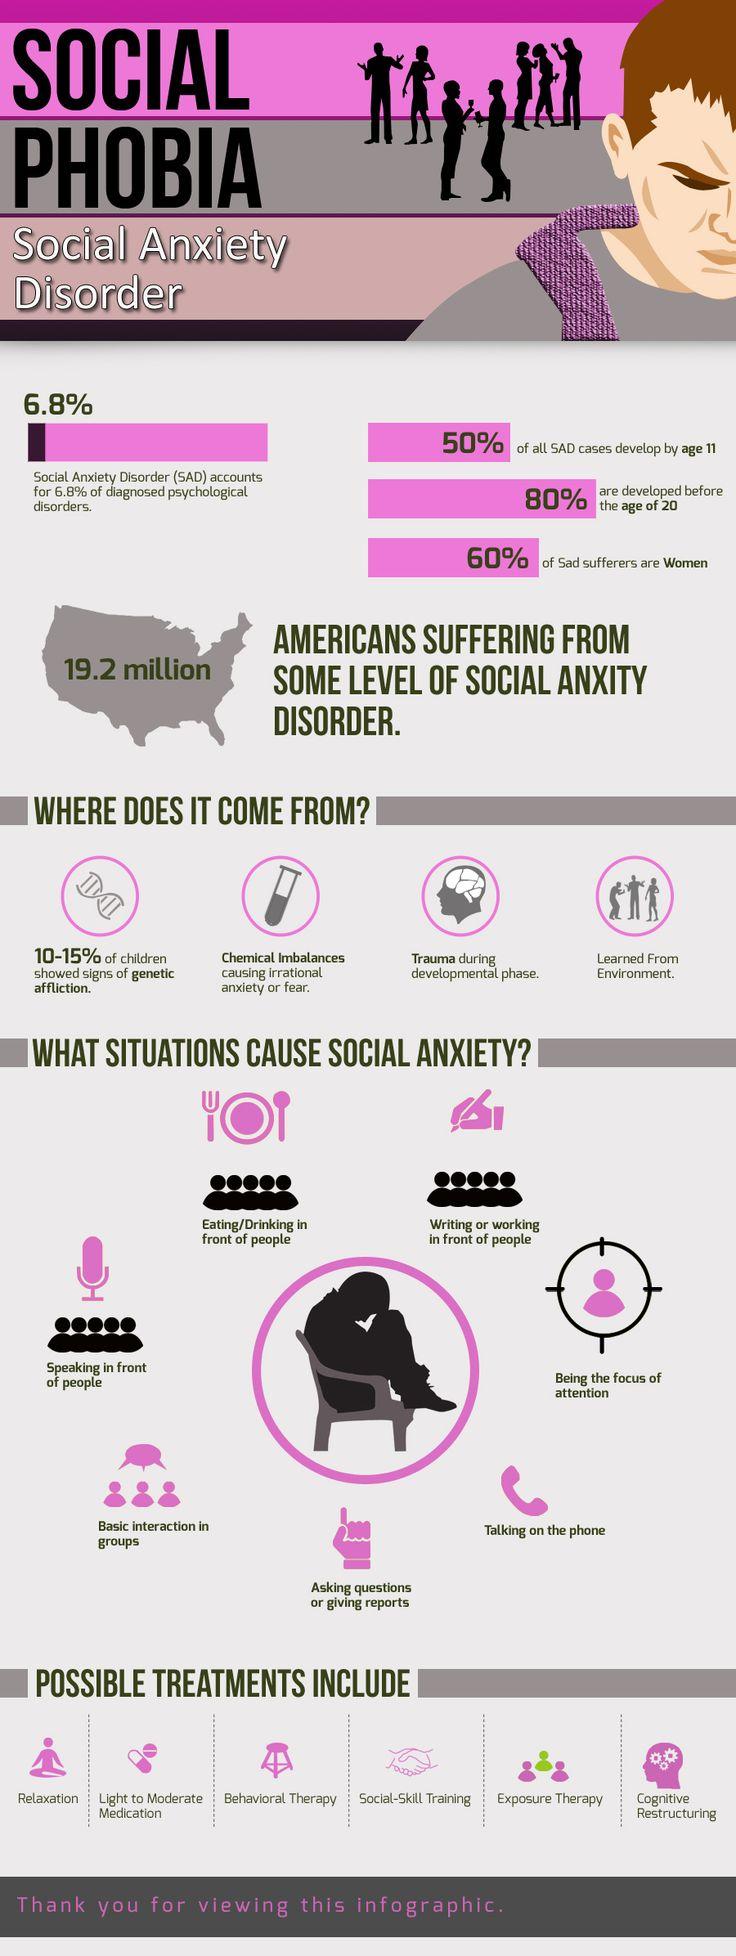 Social Phobia Social Anxiety Disorder